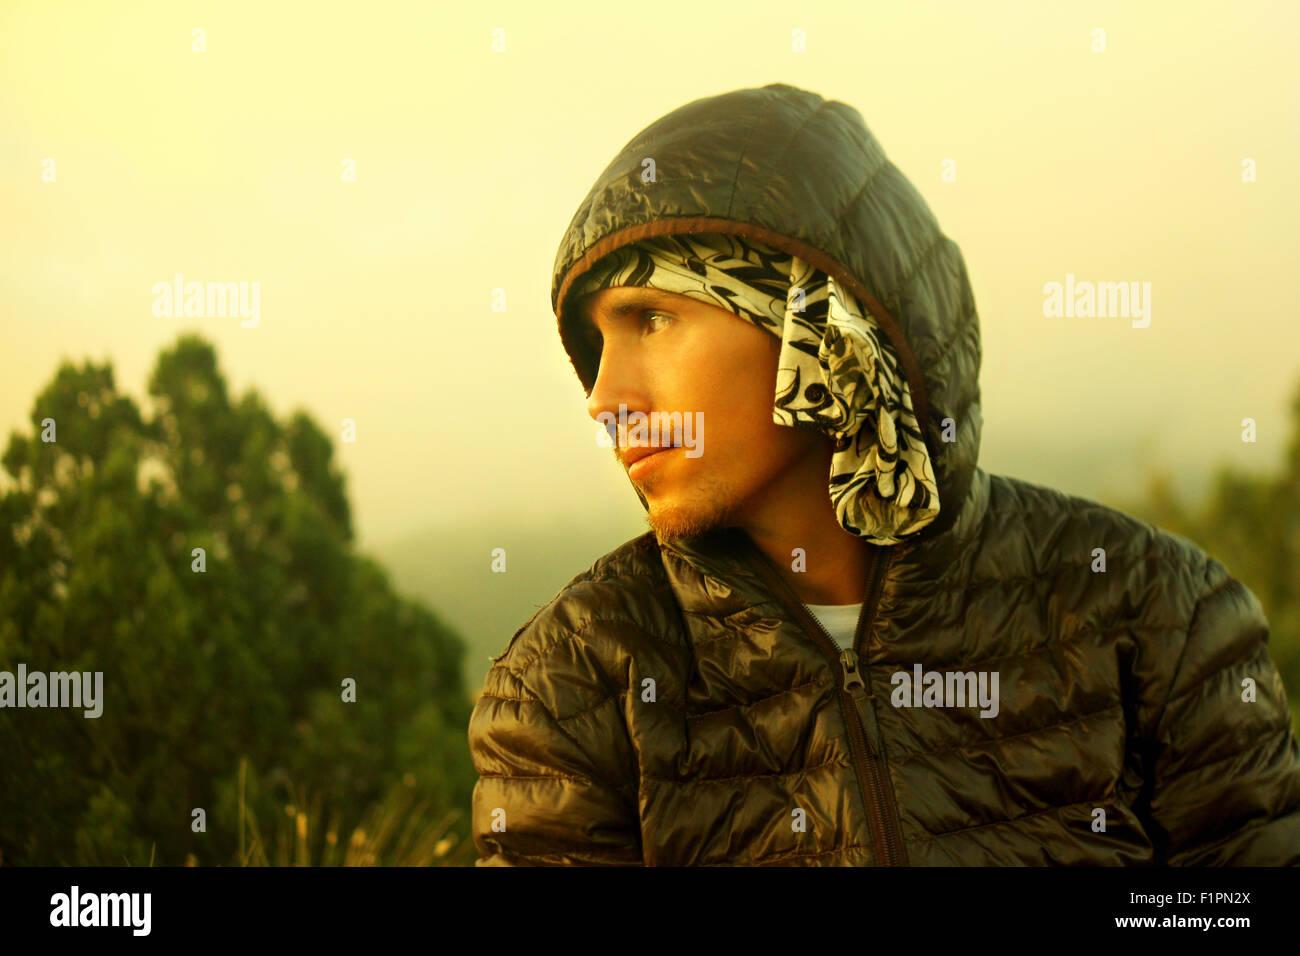 Young handsome man with beard en automne veste sombre vers le bas à capuchon dans la nature regarde ailleurs. Photo Stock